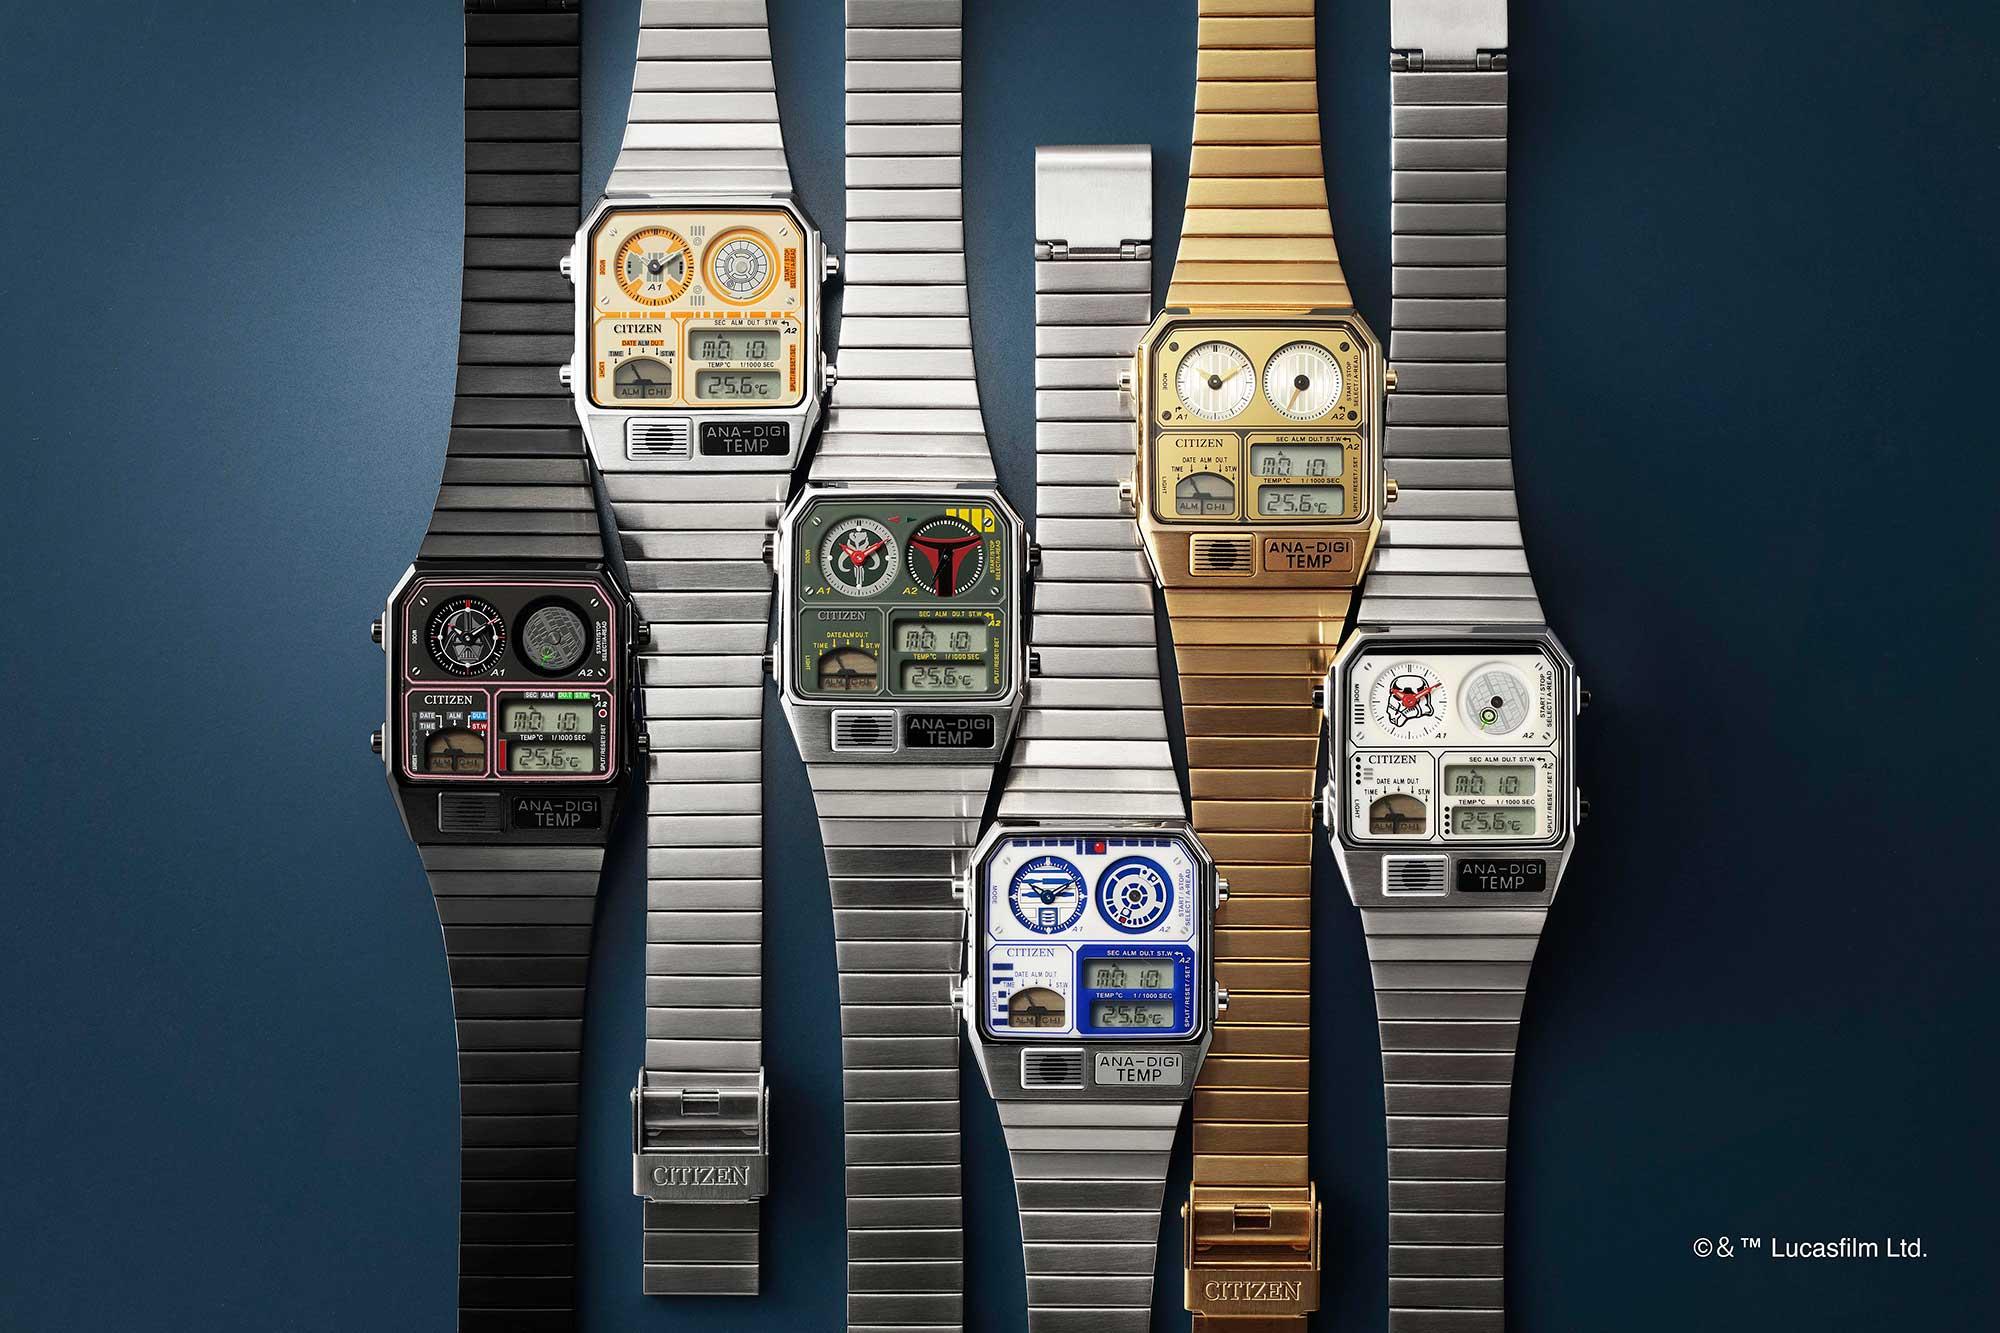 Citizen x Star Wars Ana-Digi Temp Watches